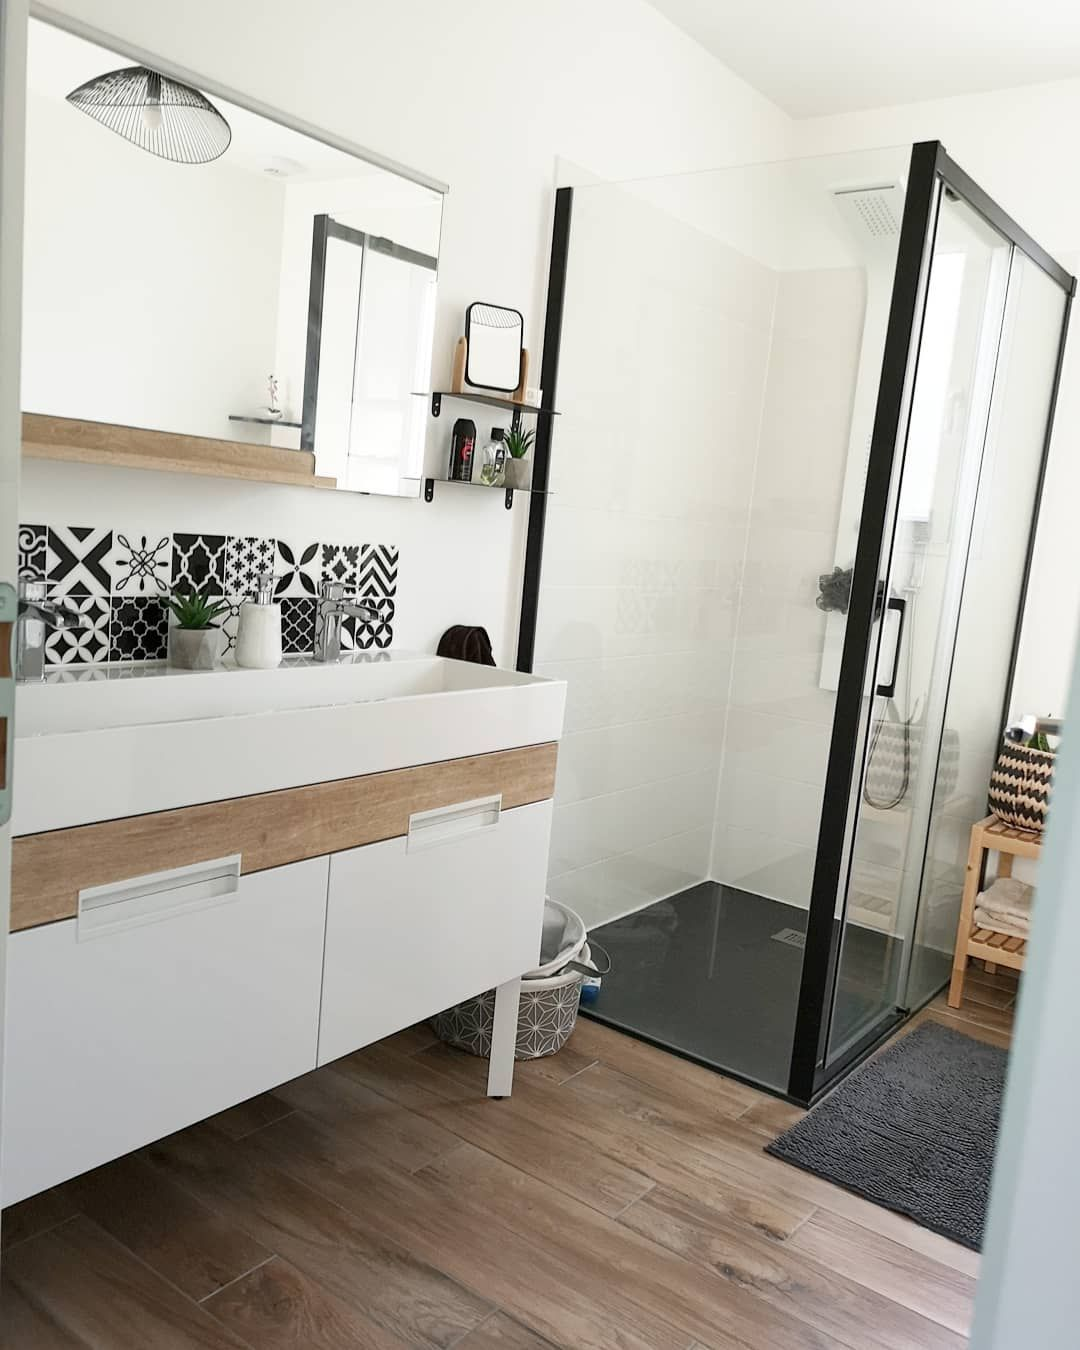 Salle de bain 🛀 . Notre salle de bain fait 8m2, il y a ...